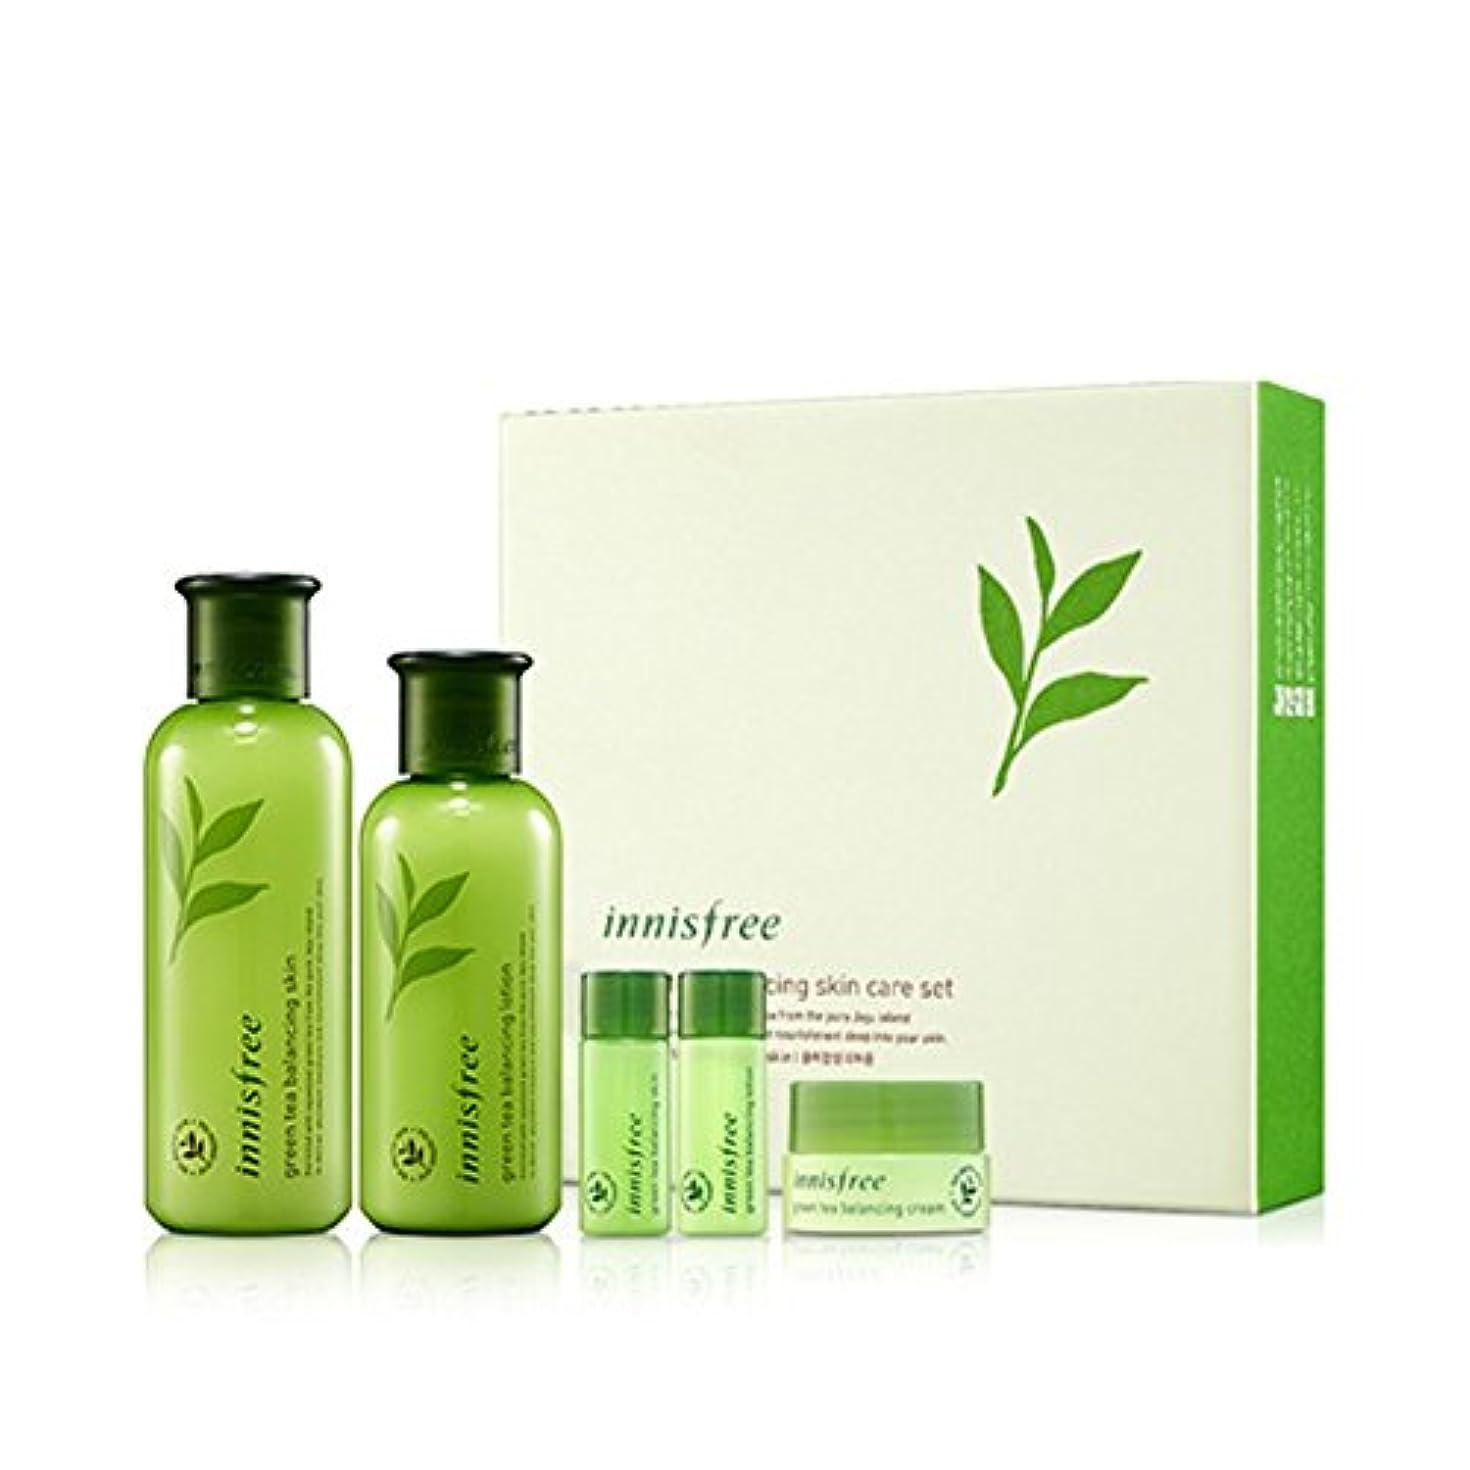 羊バックこれまで[イニスフリー] Innisfree [グリーンティーバランシングスペシャルスキンケアセット] Green Tea Balancing Special Skin Care Set [海外直送品]